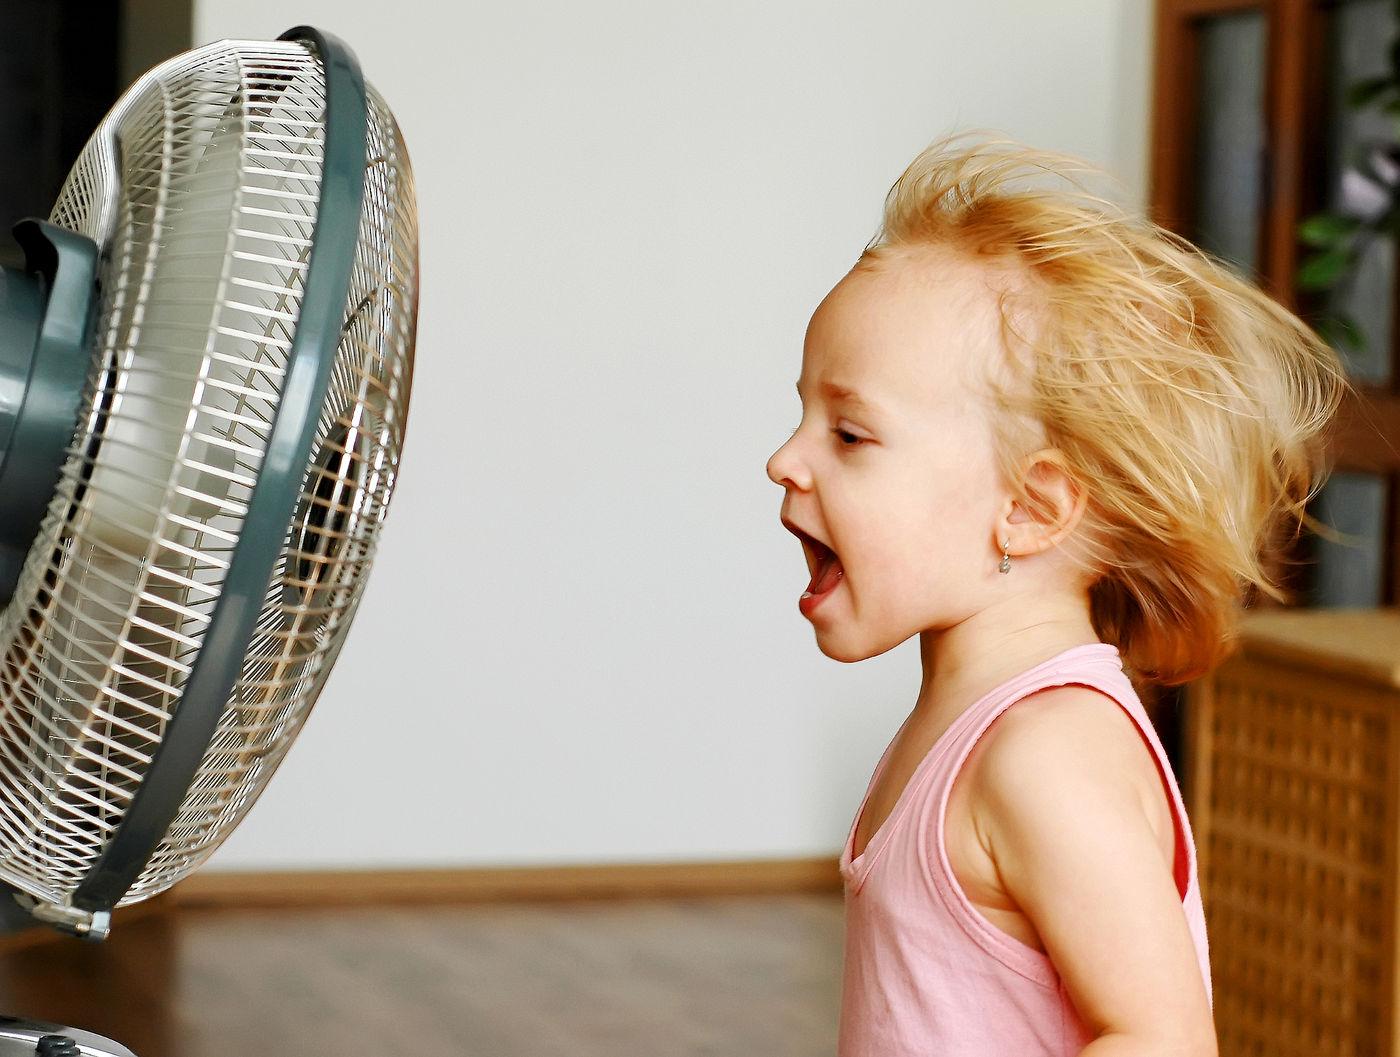 Comment éviter les coups de chaleur ?